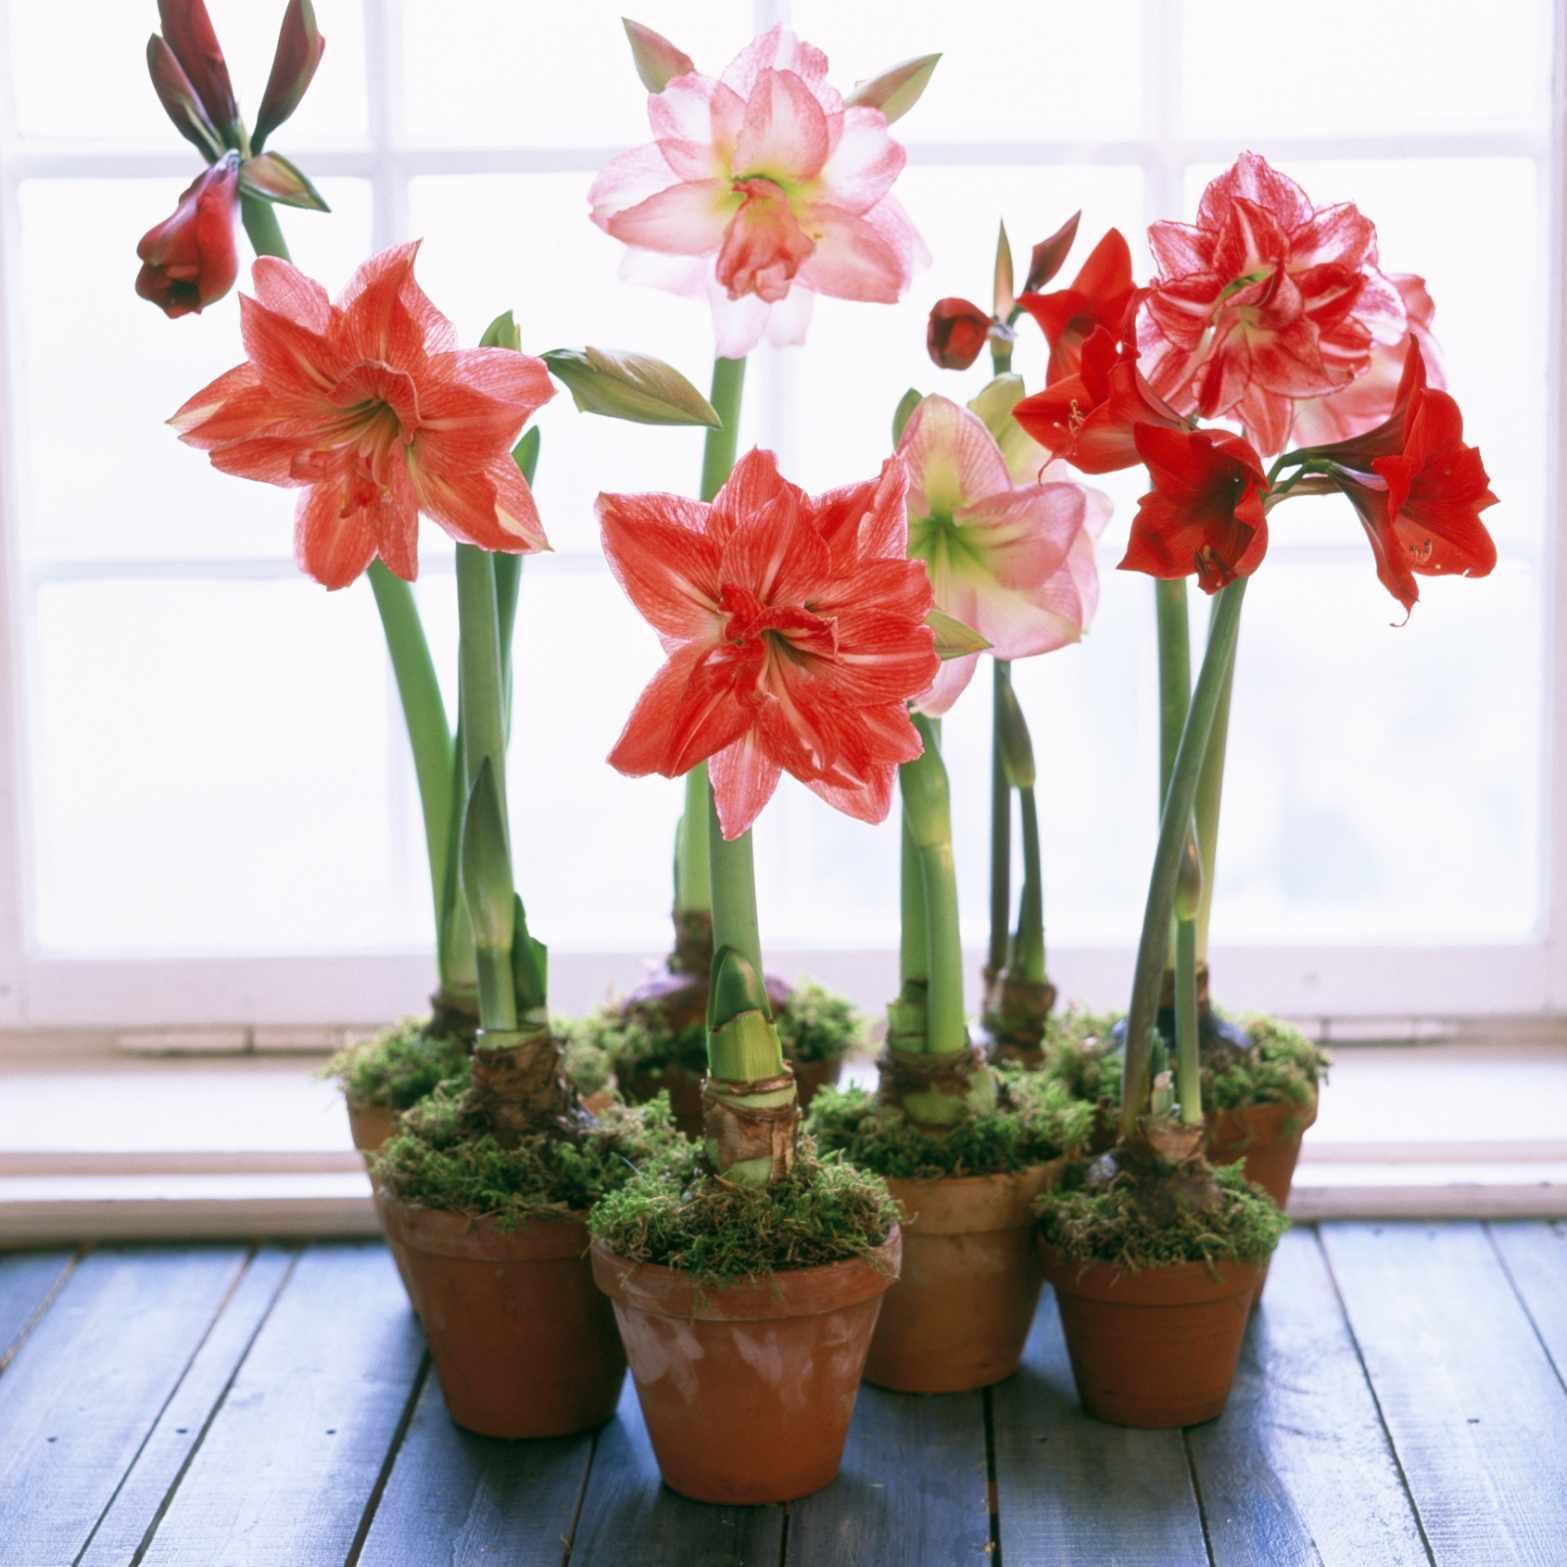 assorted amaryllis plants